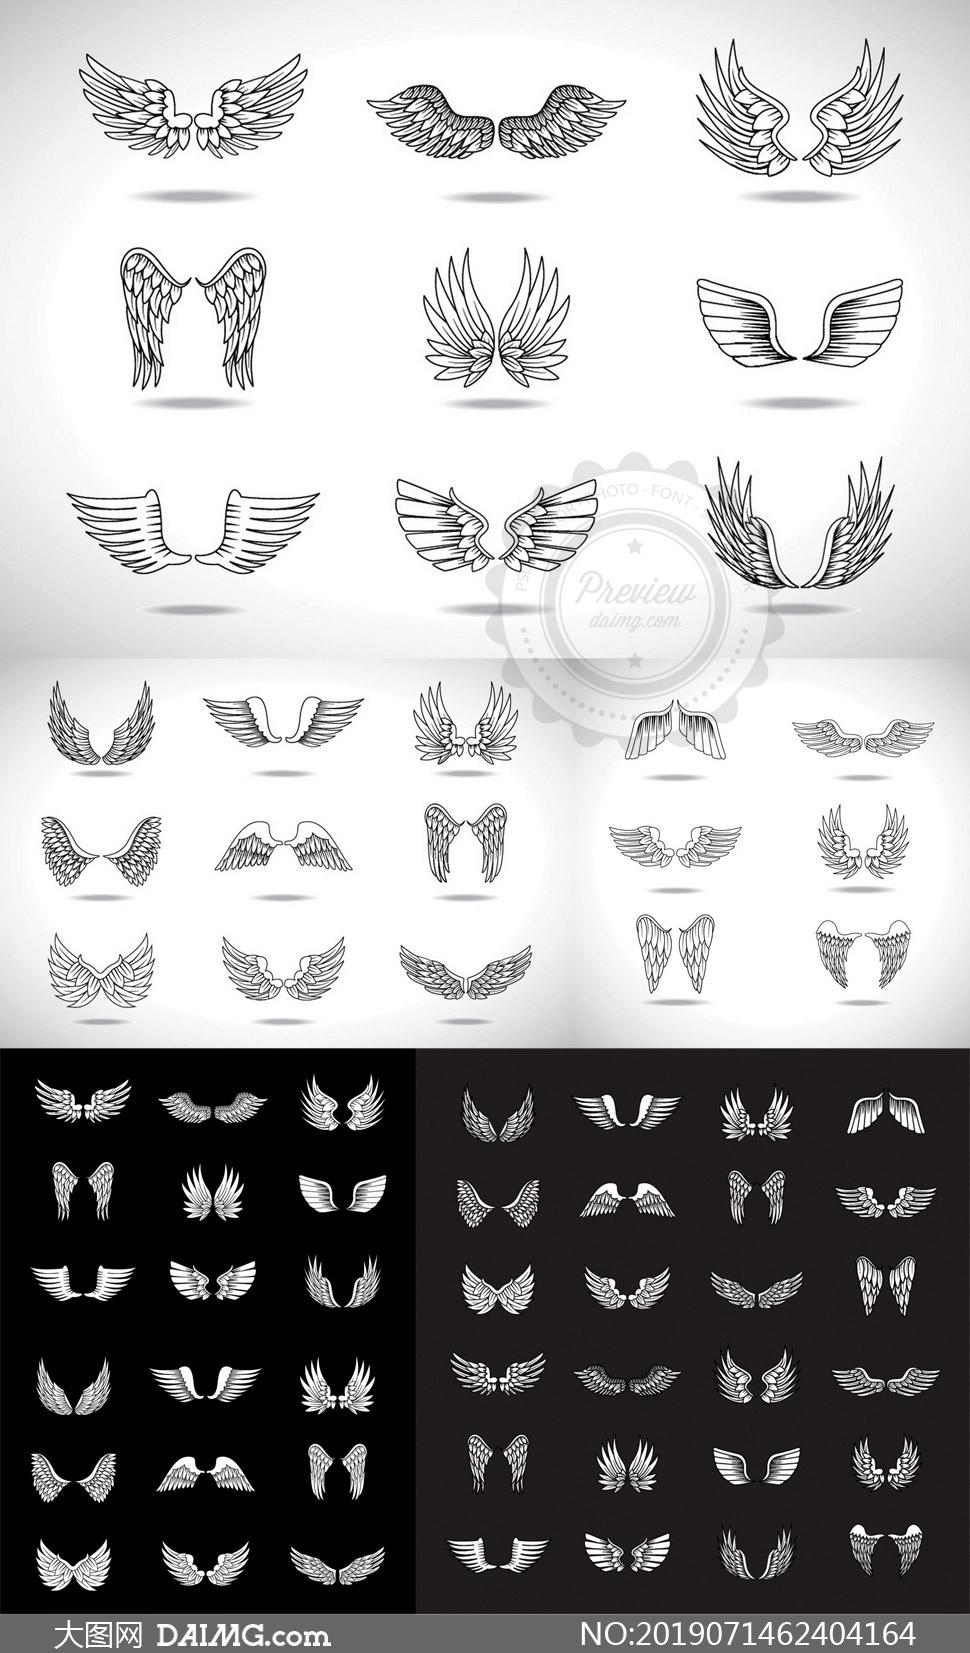 姿态各异天使翅膀设计元素矢量素材